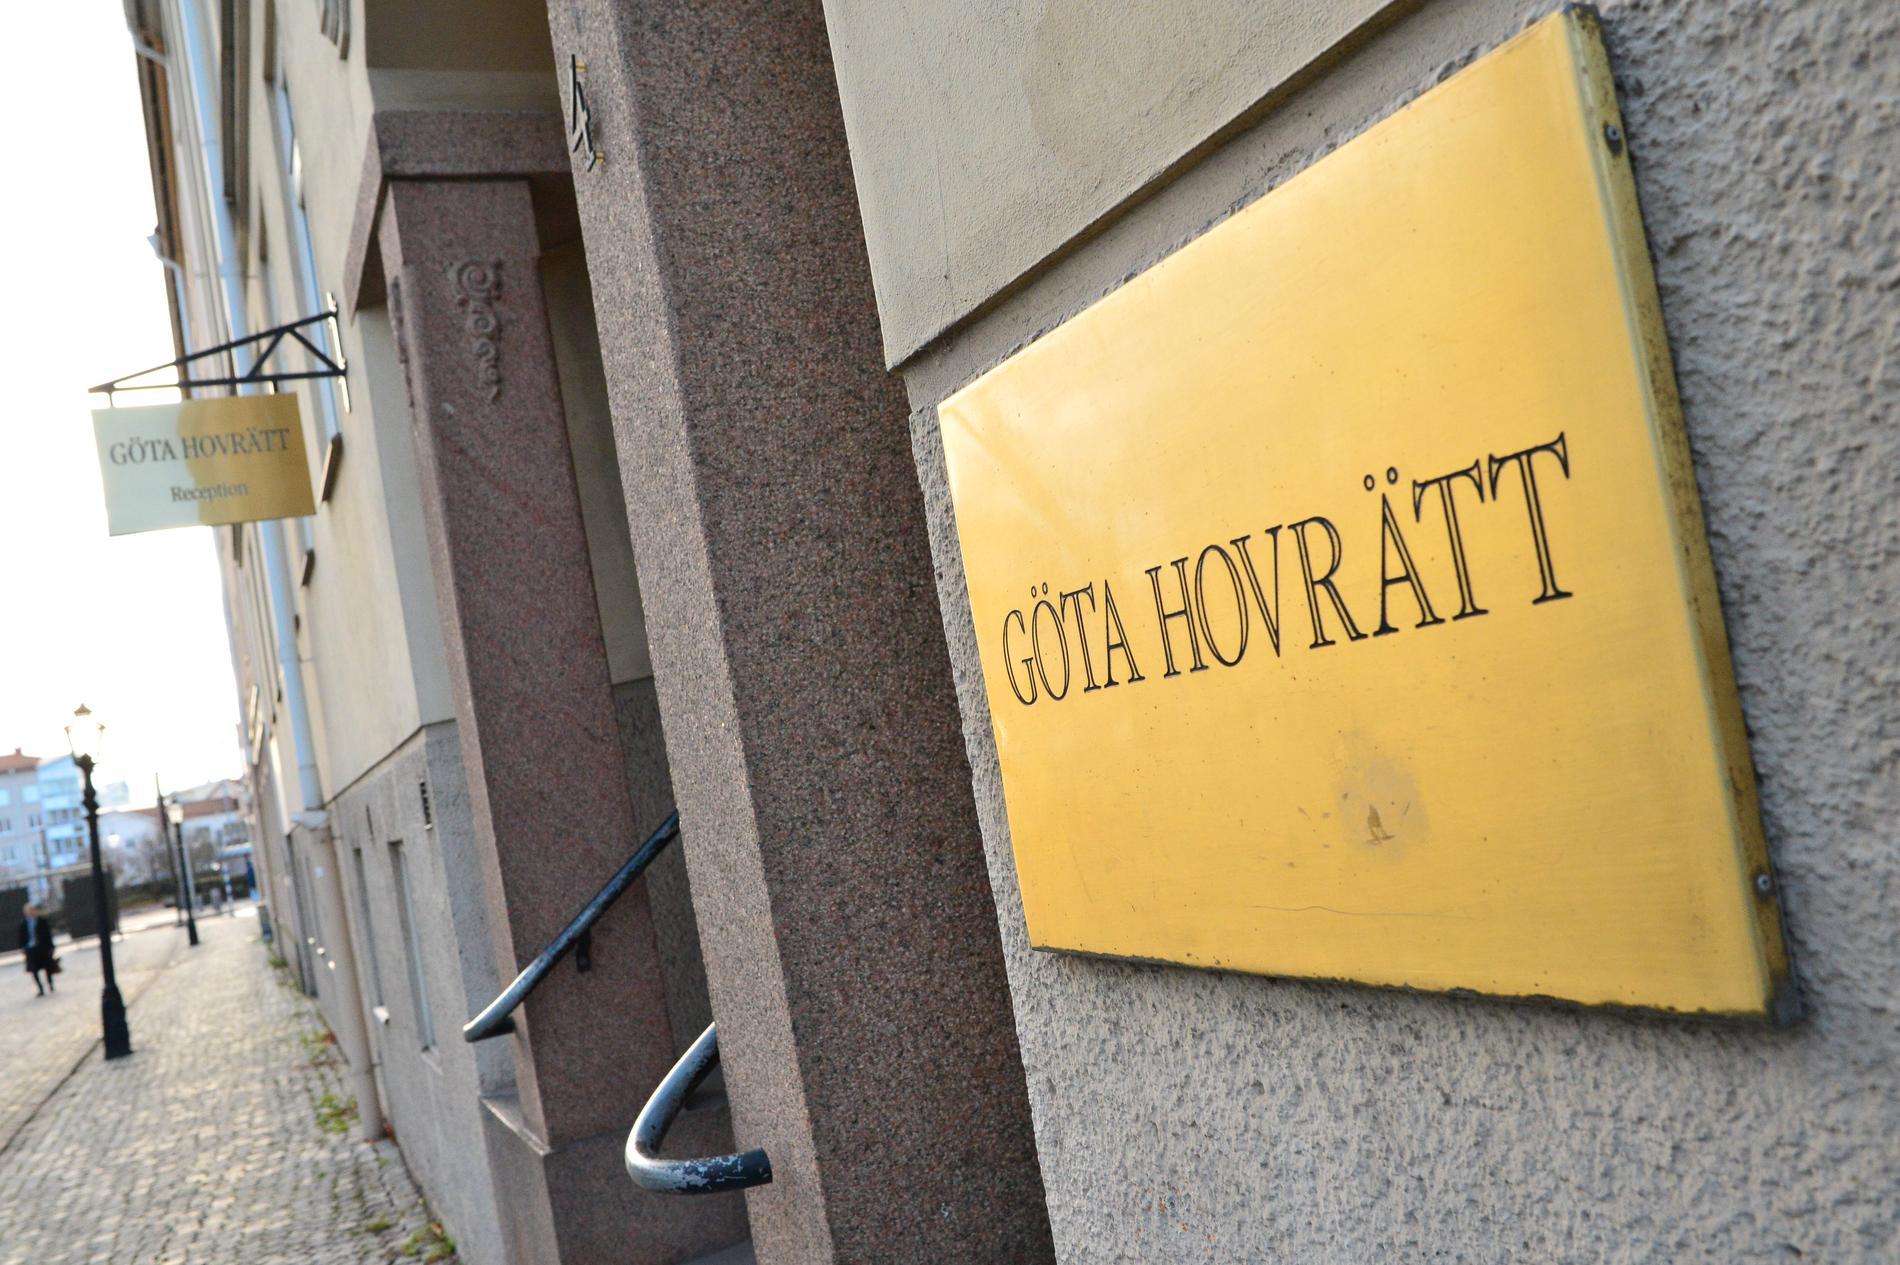 En man som dömts till ungdomsvård för att ha skjutit flera skott i en frisörsalong i Borås frias av hovrätten. Arkivbild.